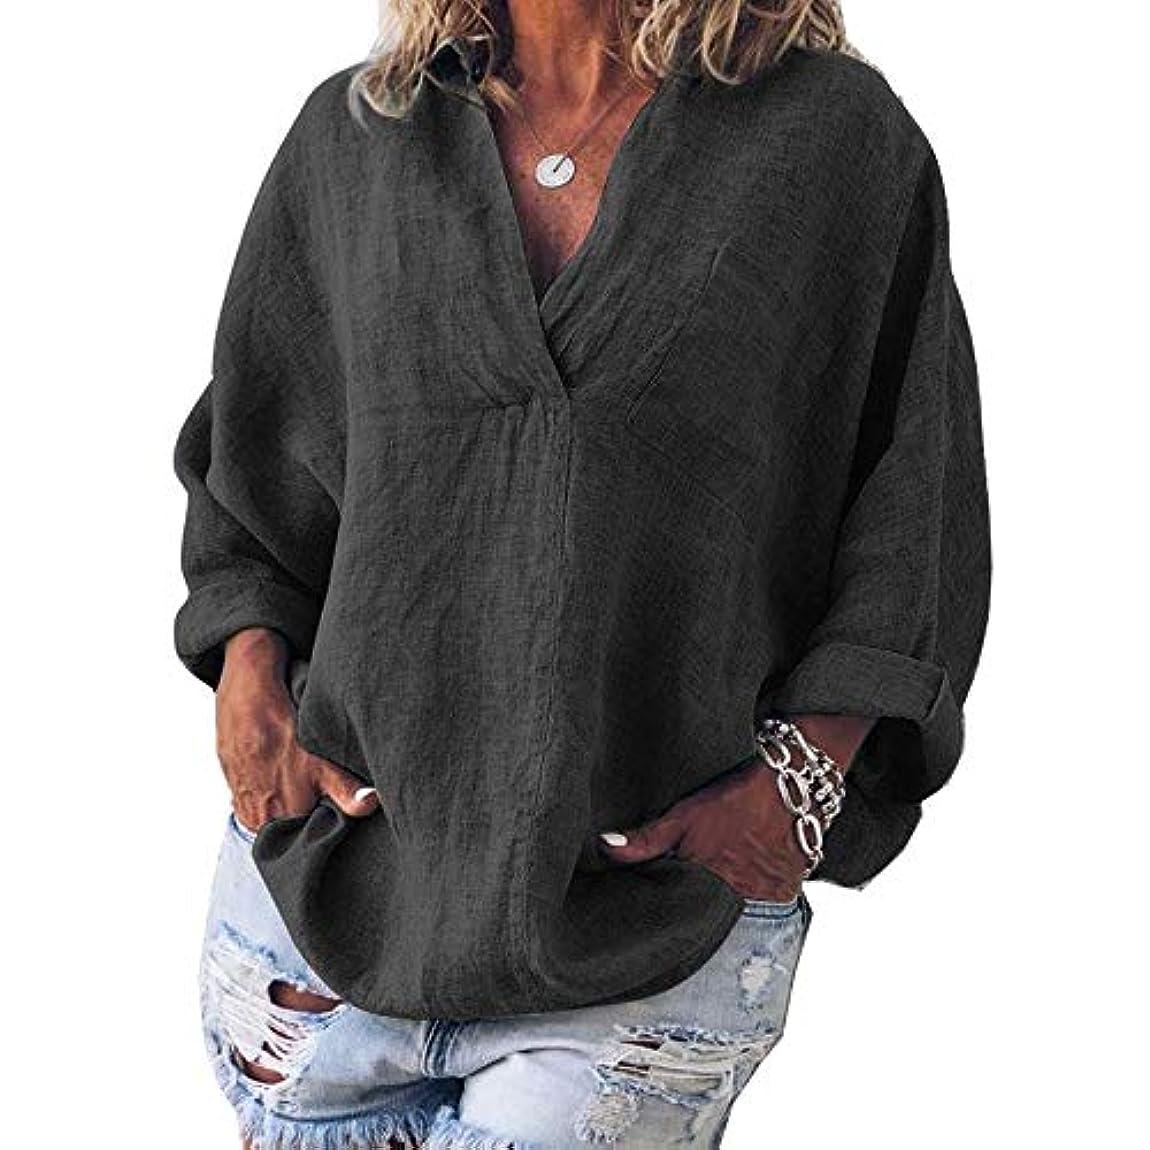 ペネロペ北方丘MIFAN女性ファッション春夏チュニックトップス深いVネックTシャツ長袖プルオーバールーズリネンブラウス